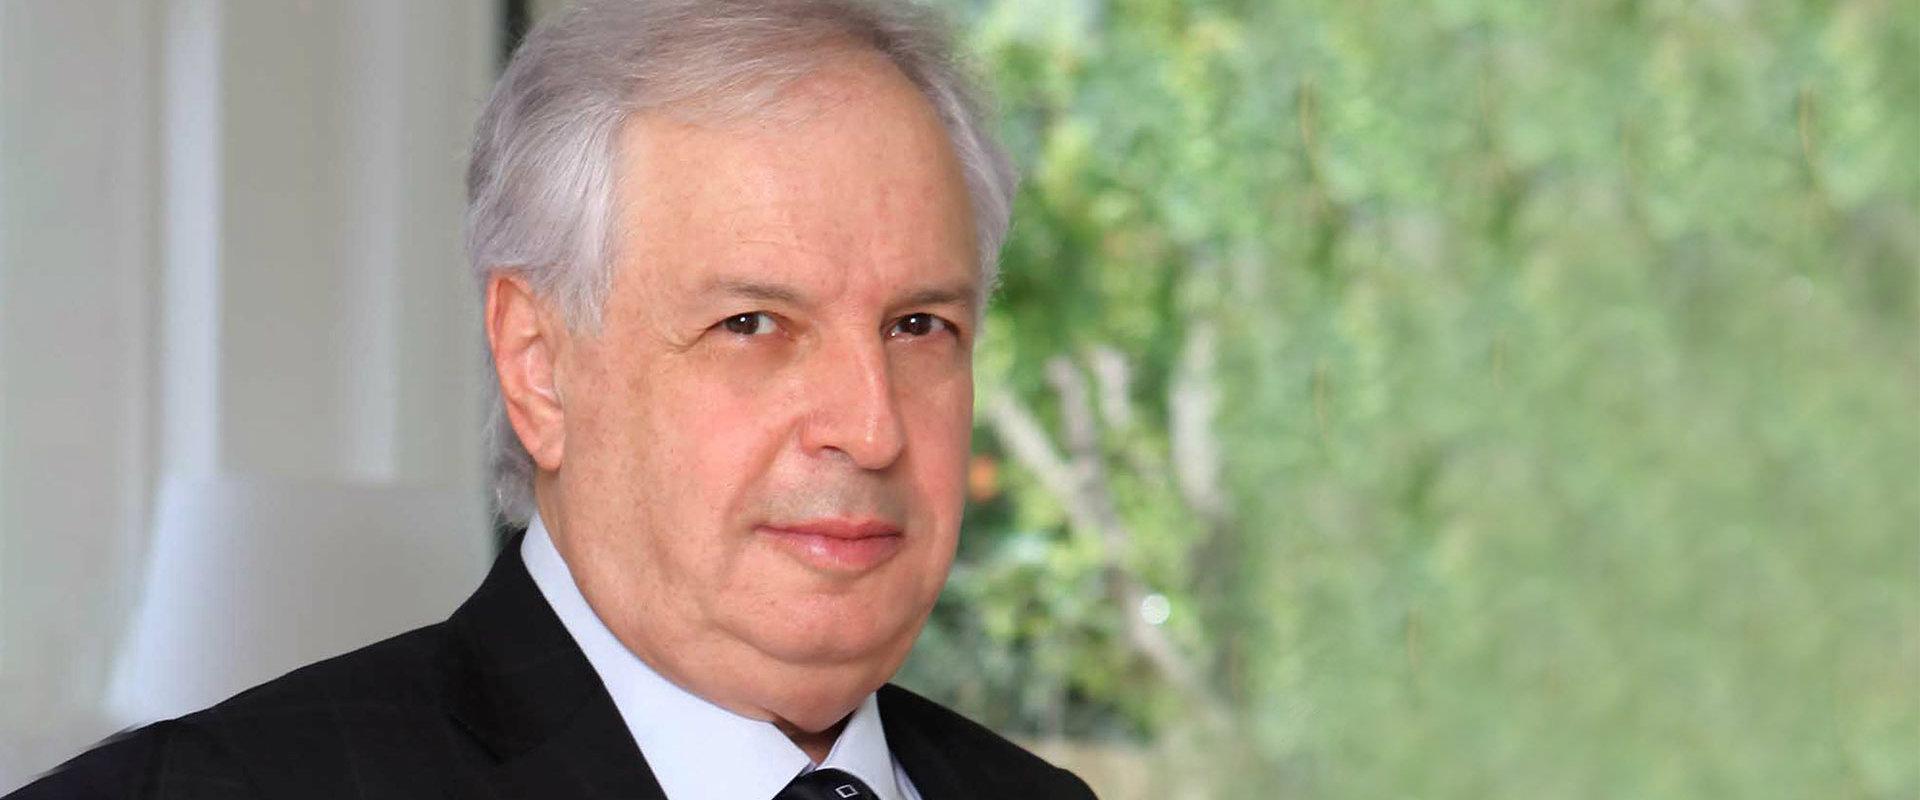 שאול אלוביץ'. בעל השליטה בבזק